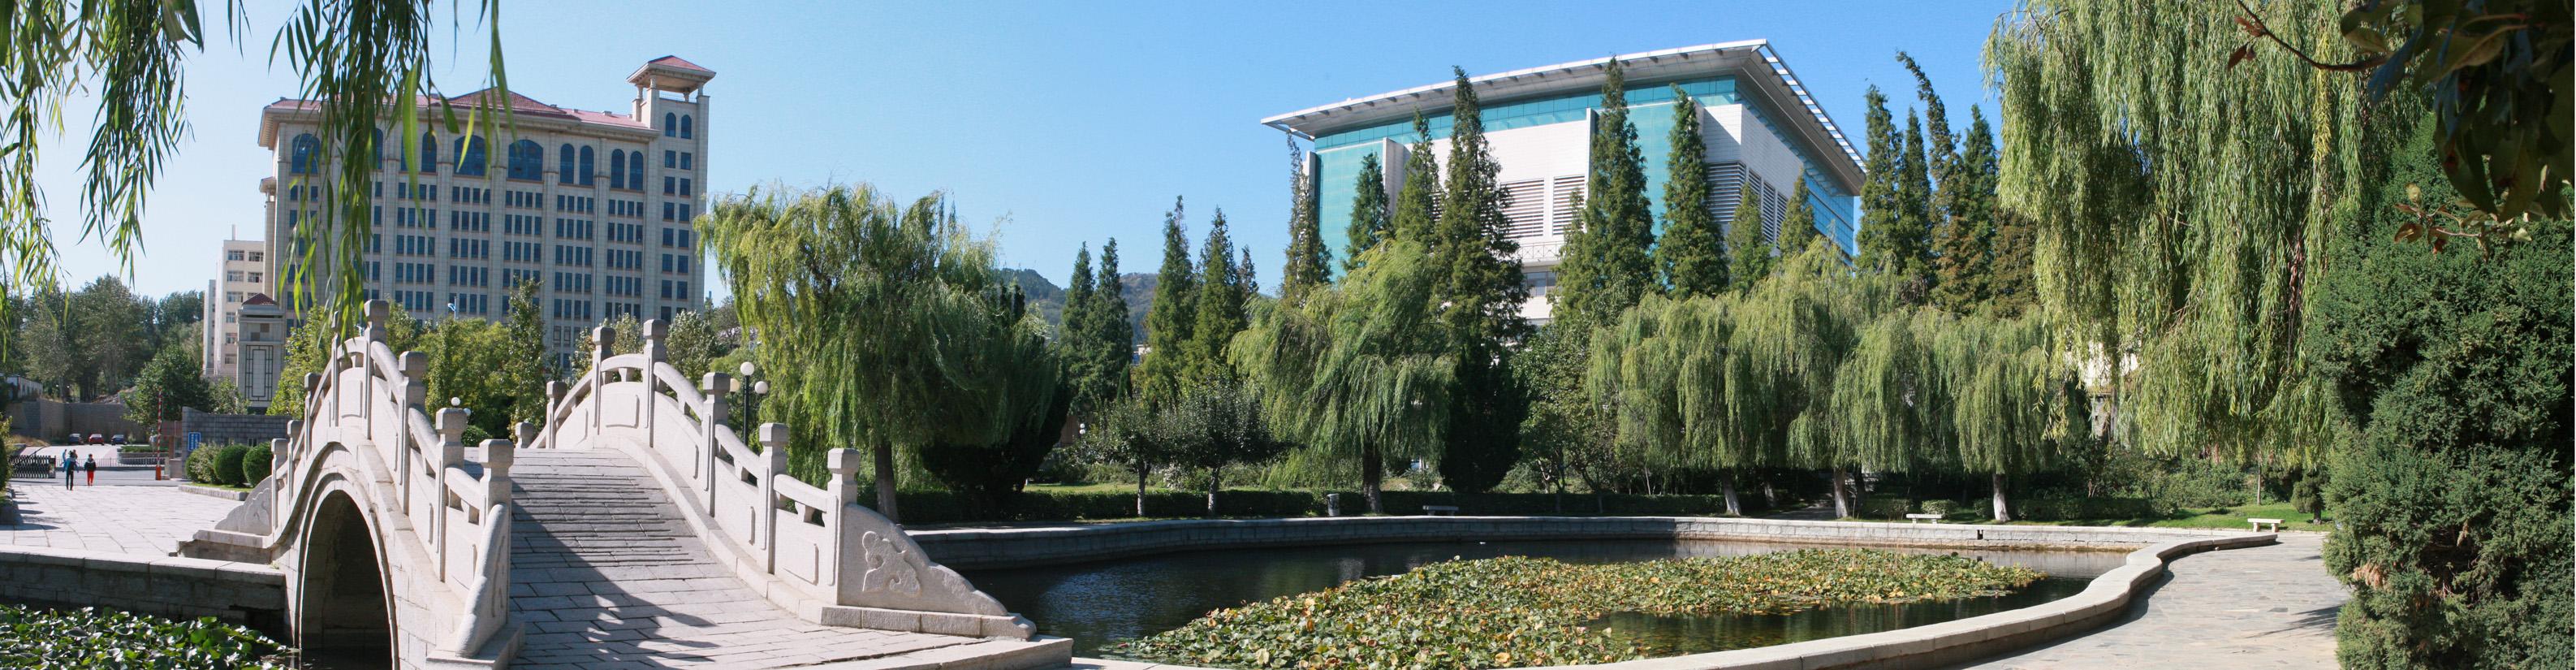 中学生安全征文_鲁东大学国际教育学院